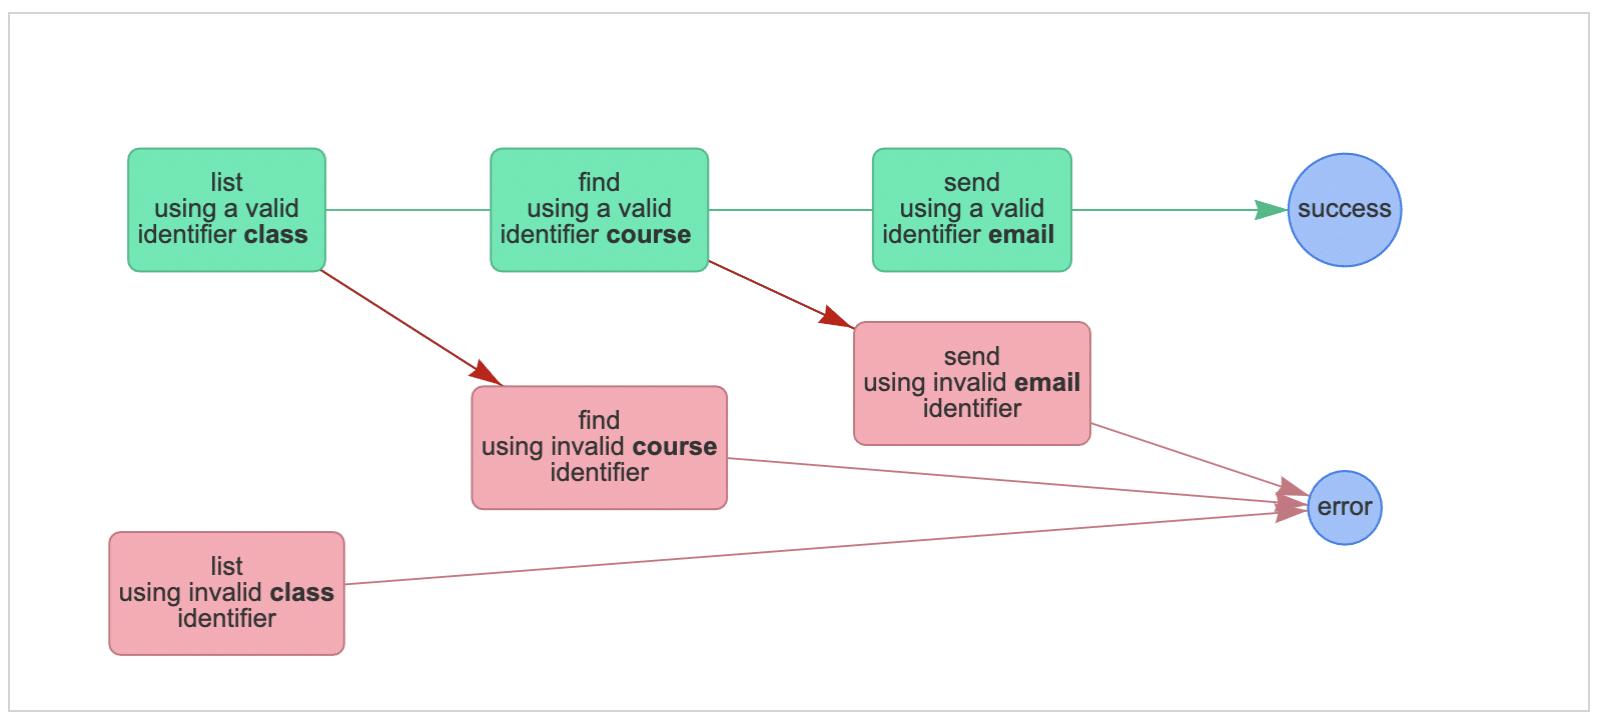 test scenarios flow